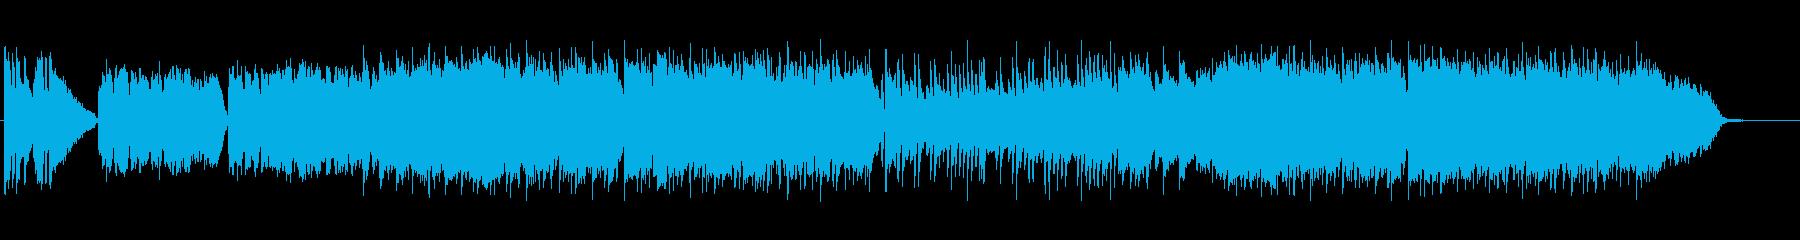 懐かしく暖かなイージーリスニングの再生済みの波形